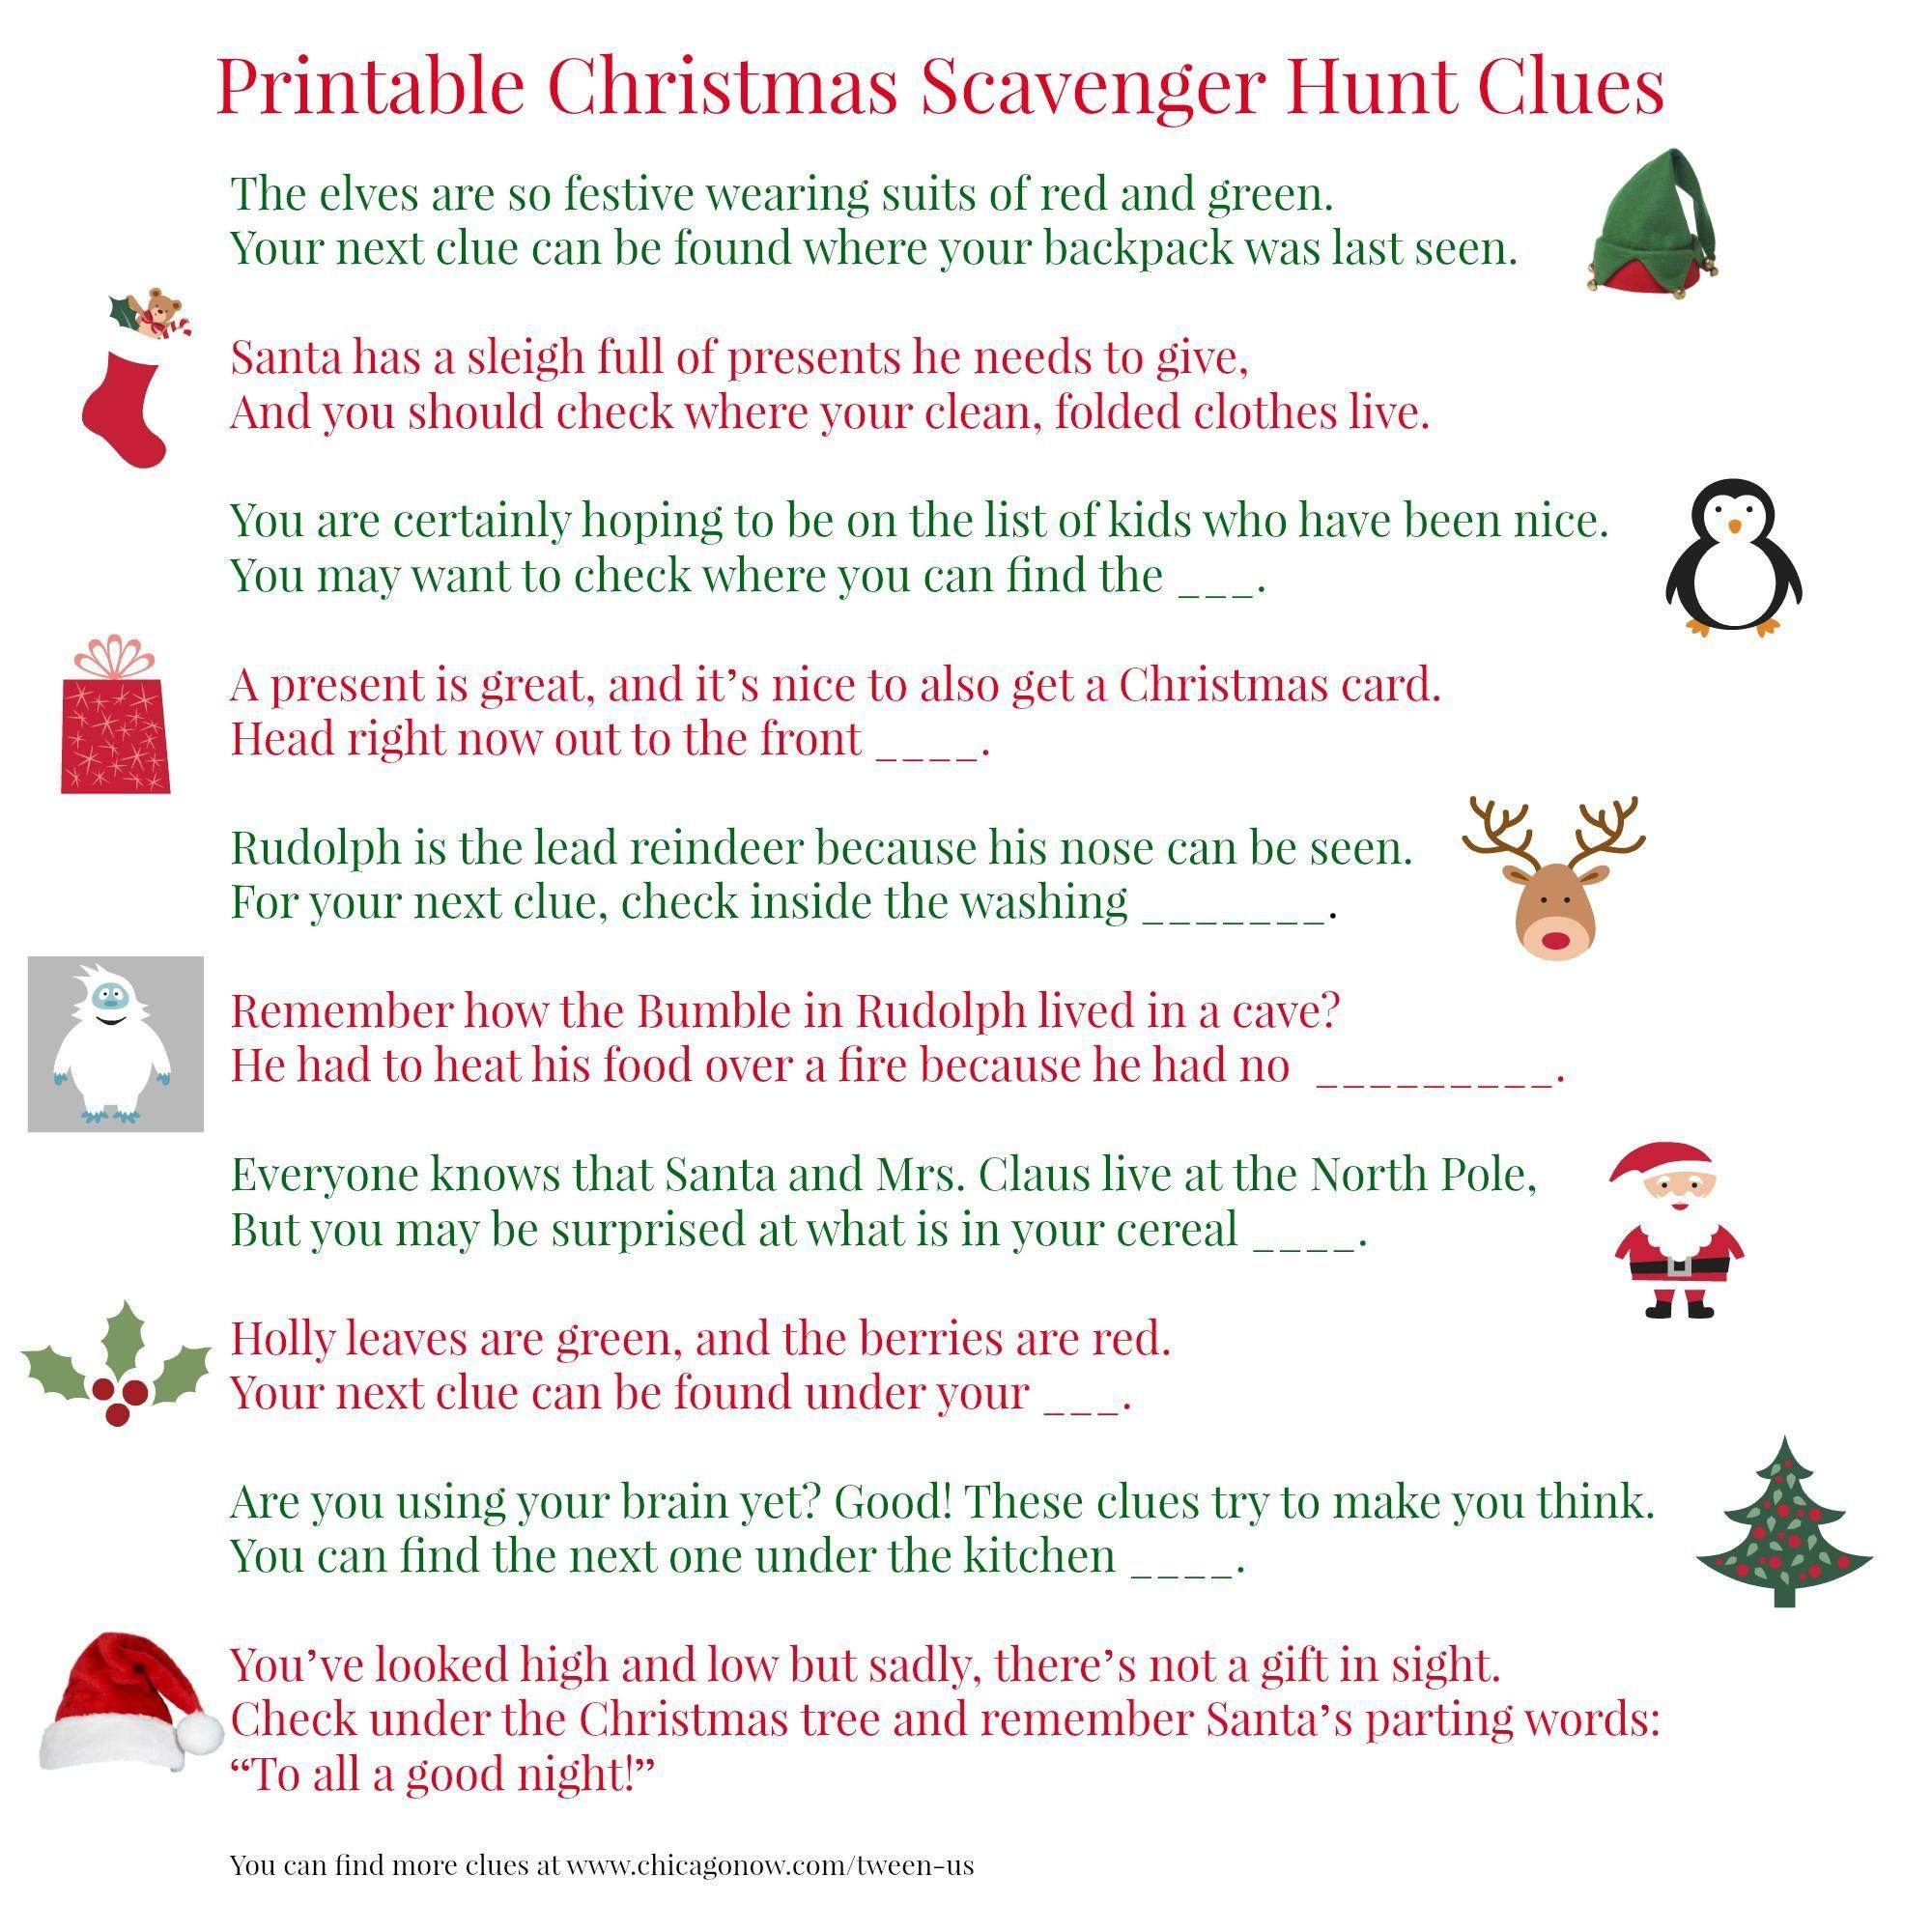 Christmas Scavenger Hunt Clues | Halloween Scavenger Hunt For Kids ...